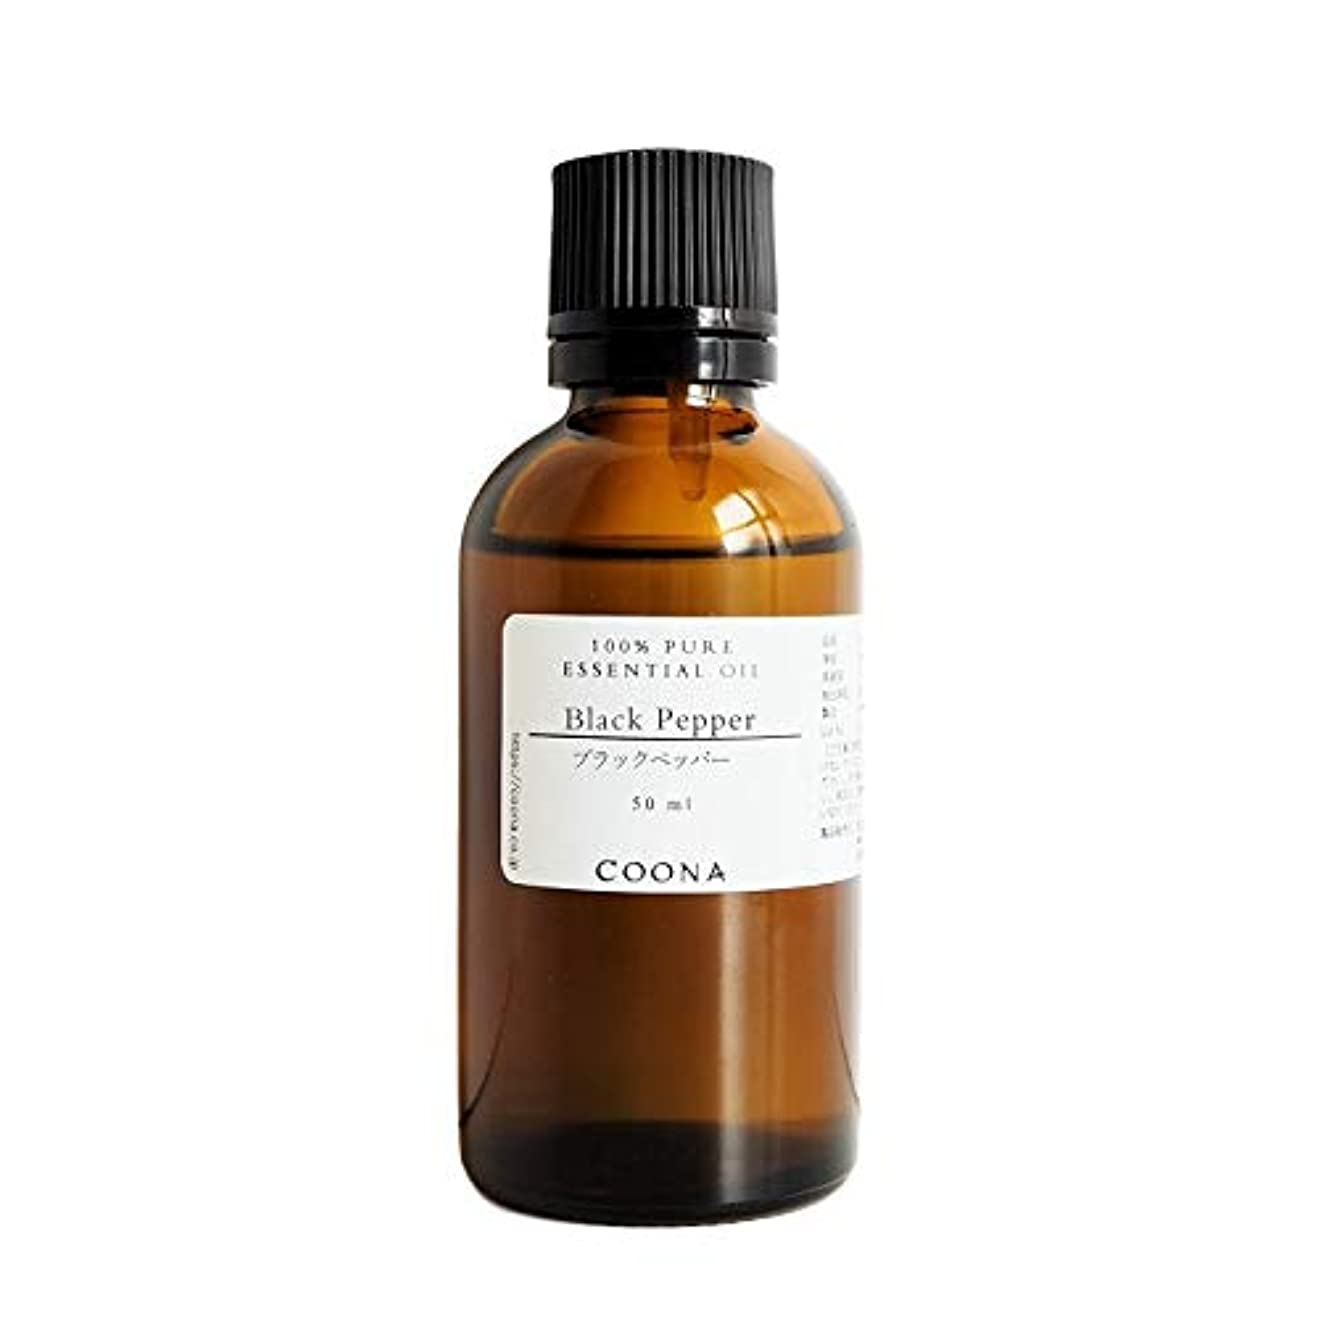 インテリア一緒証言ブラックペッパー 50 ml (COONA エッセンシャルオイル アロマオイル 100%天然植物精油)